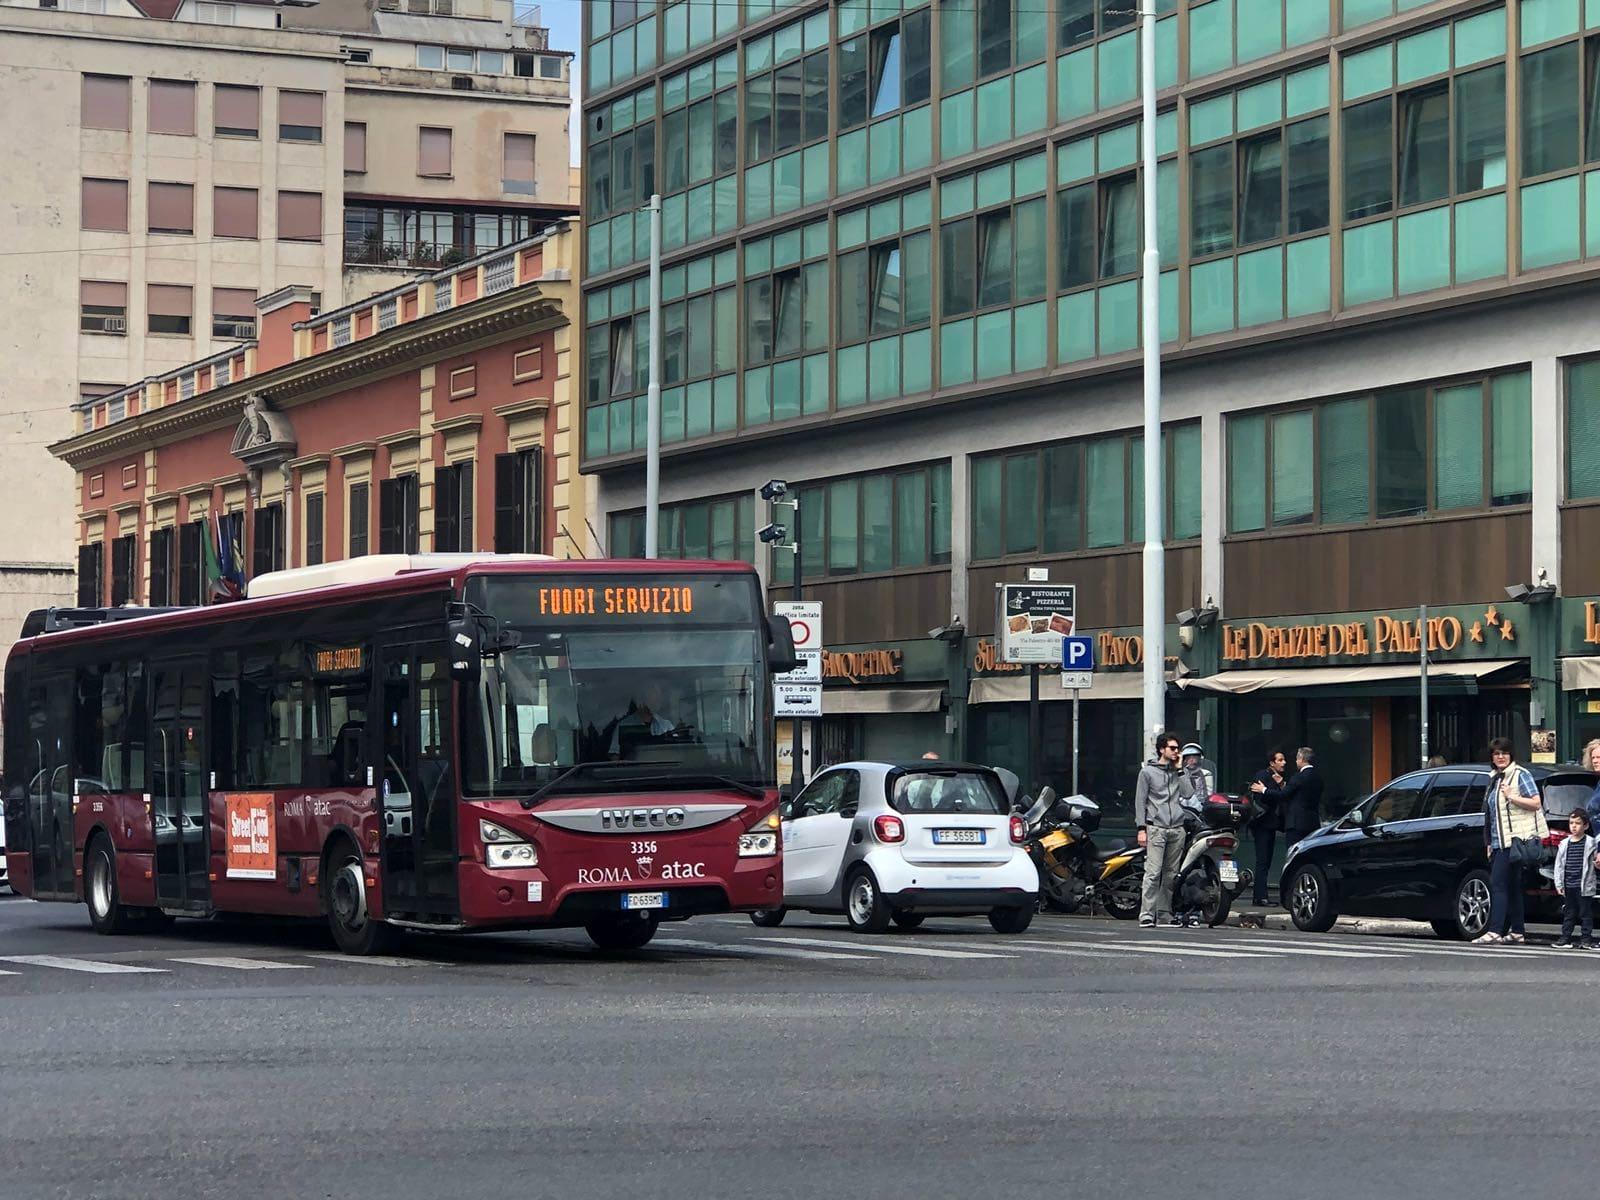 autobus fiuori servizio-2